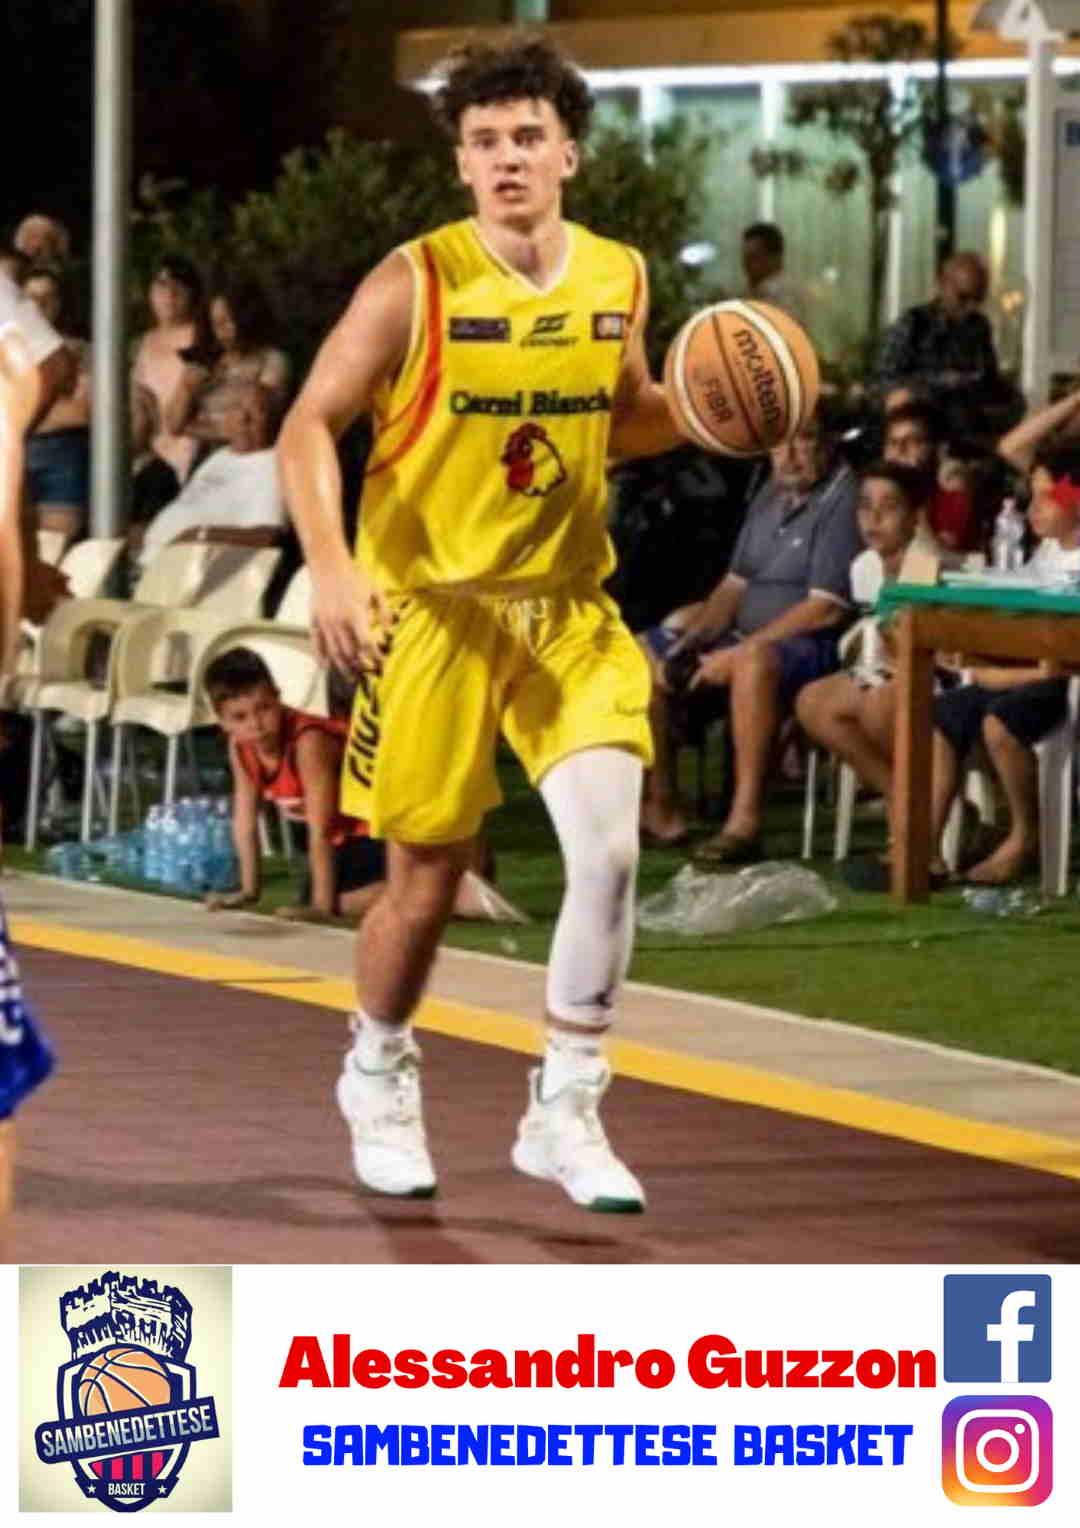 Terzo colpo di mercato per la Samb Basket che firma la guardia tiratrice Alessandro Guzzon